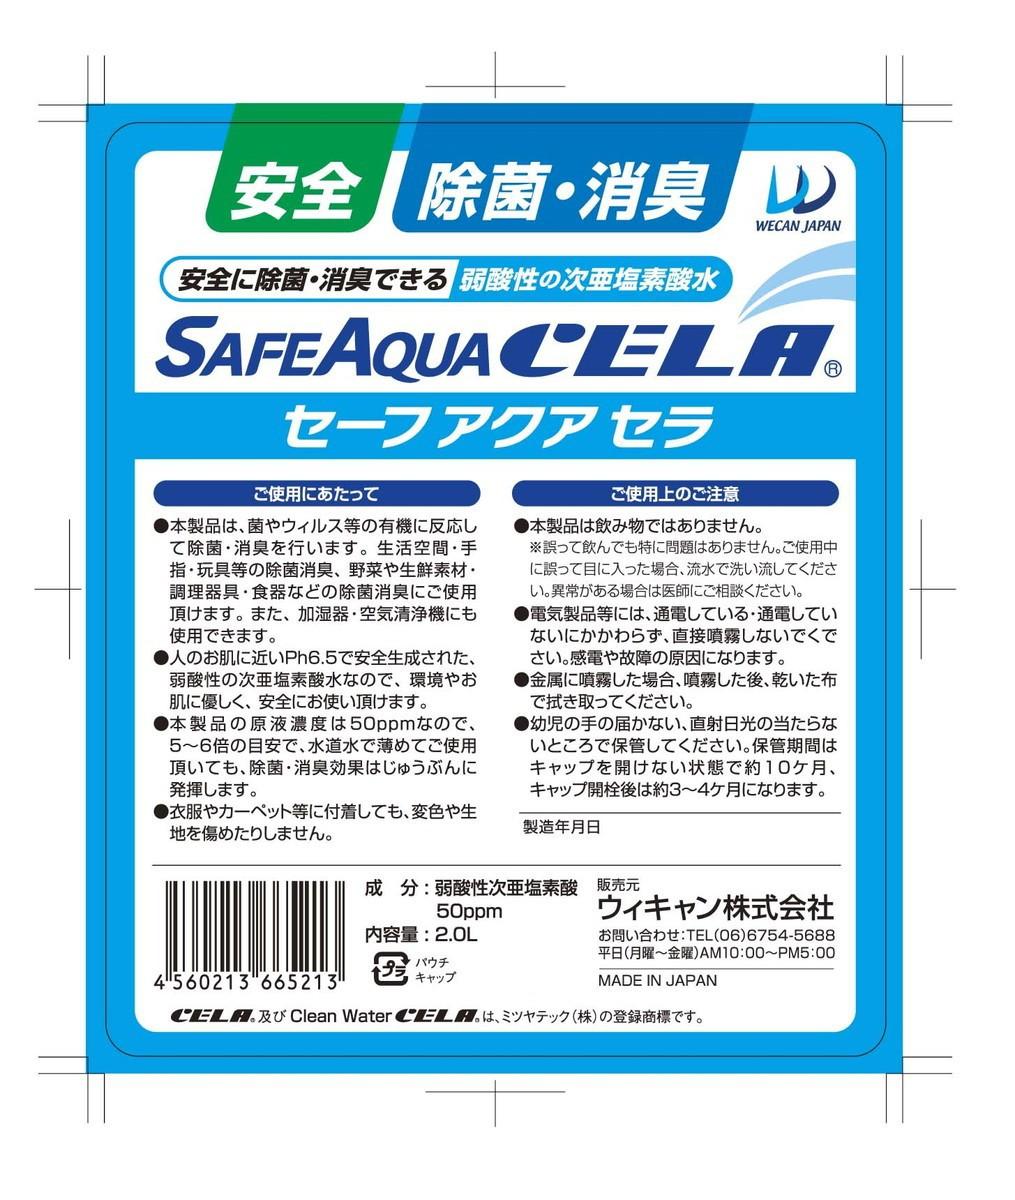 セラ セーフ アクア CELA水の使い方│除菌・消臭は人に安全な次亜塩素酸水CELA(セラ水)製造販売